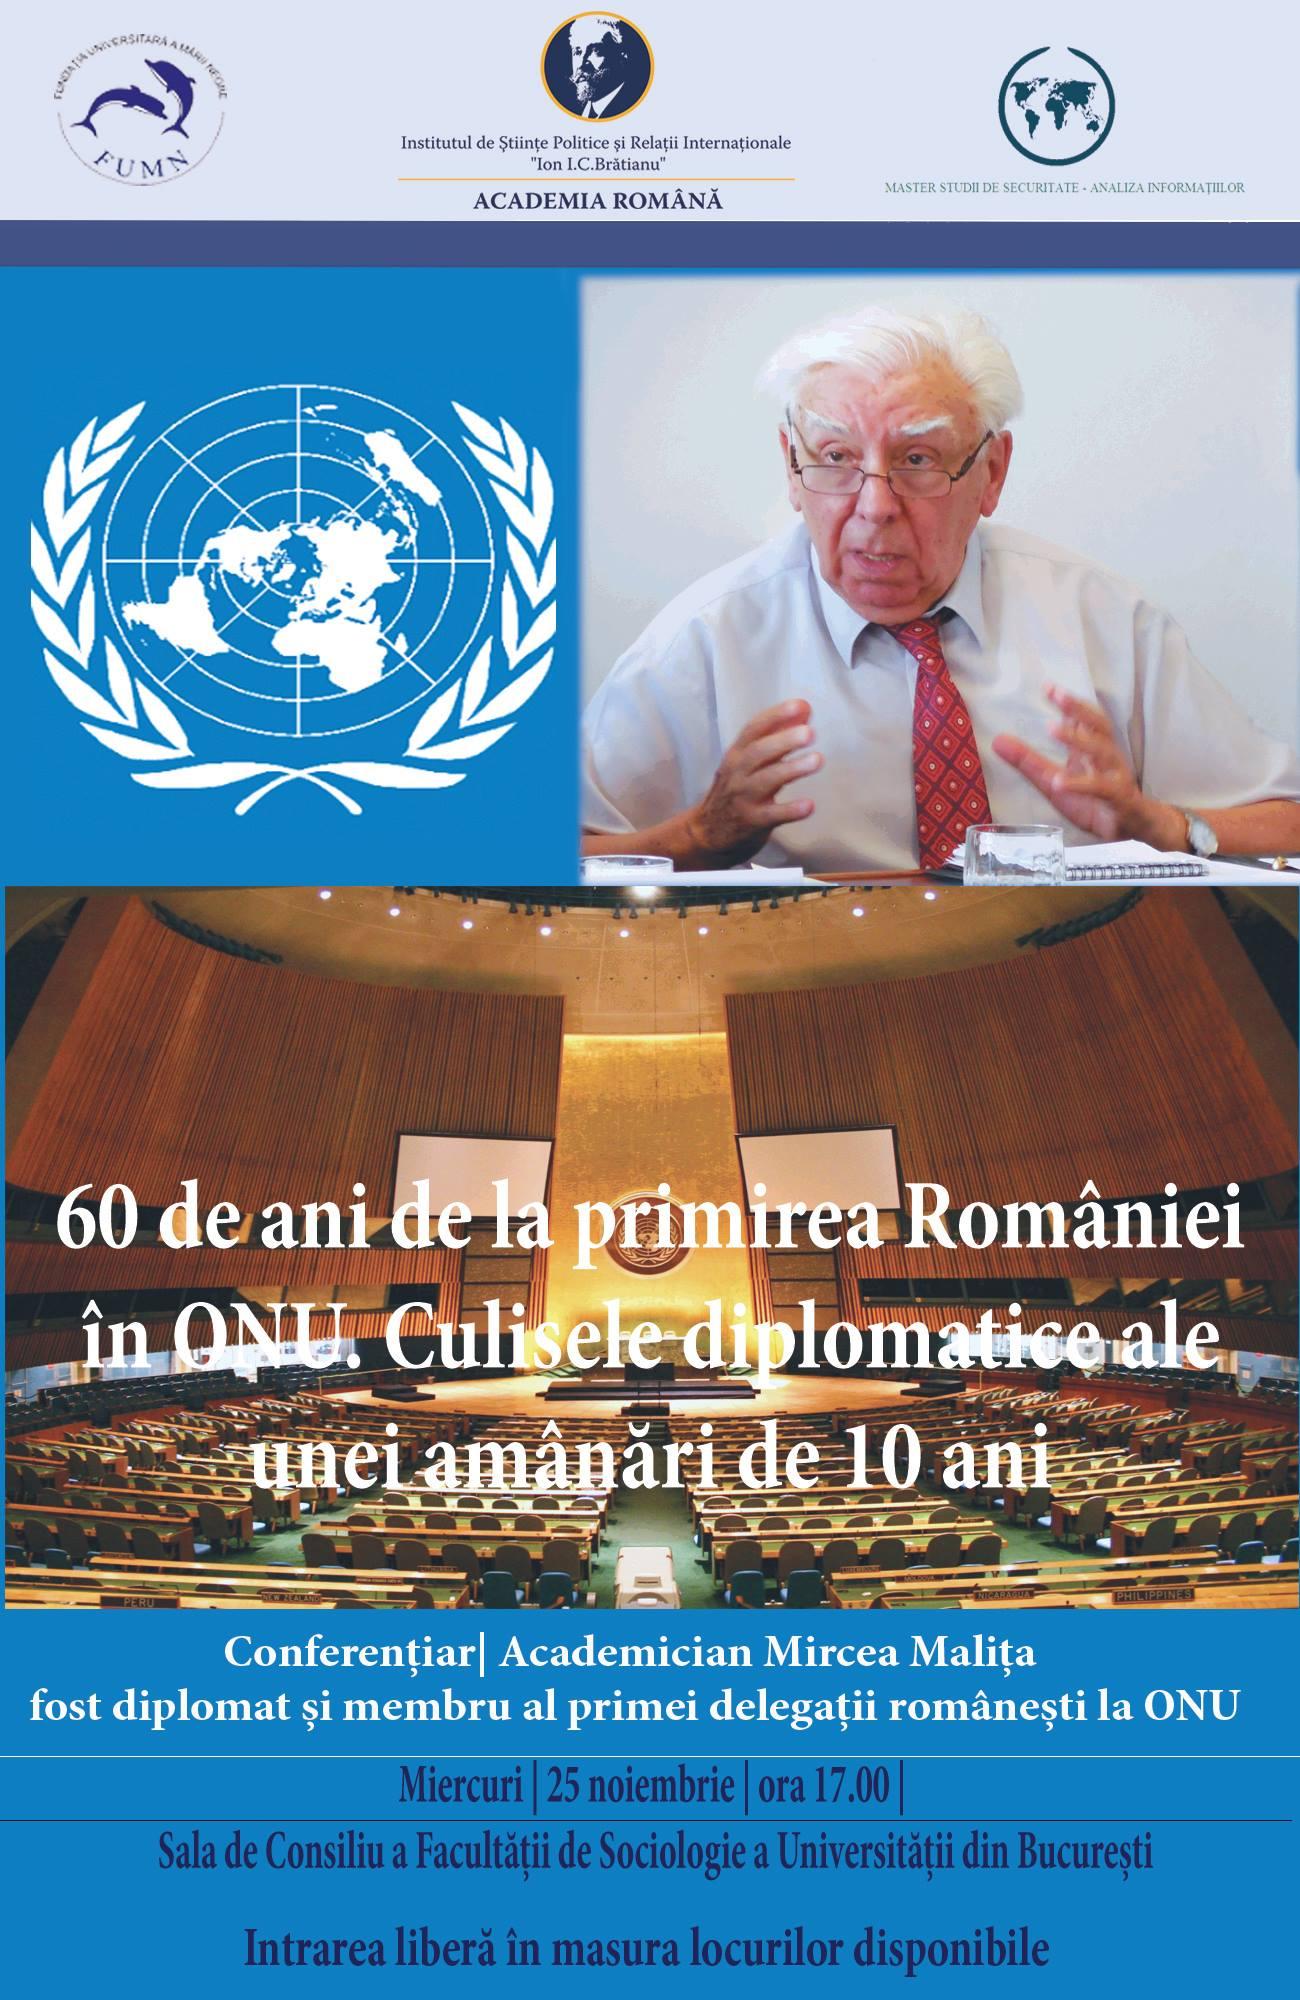 Afis 60 de ani de la primirea României în ONU. Culisele diplomatice ale unei amânări de 10 ani